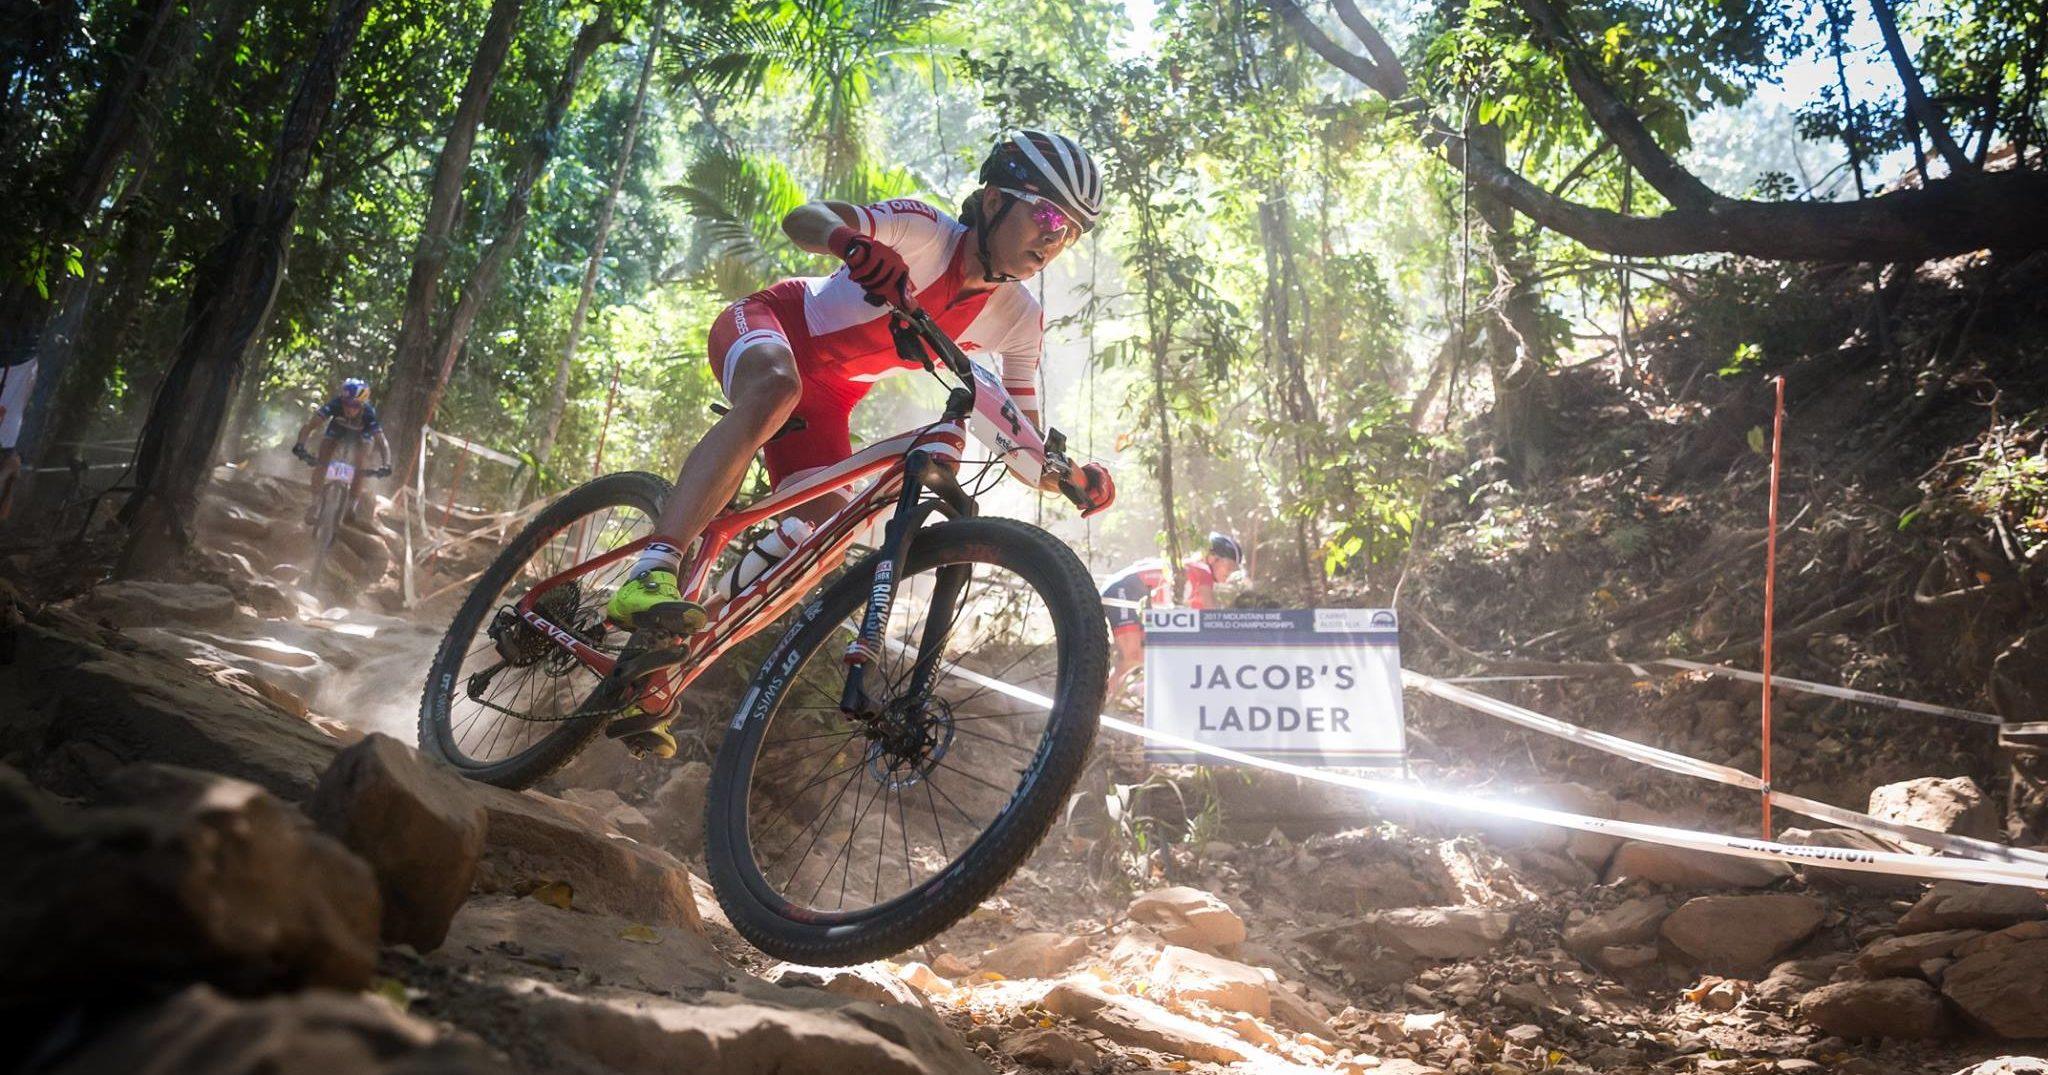 Mistrzostwa Świata w kolarstwie górskim XCO, XCR, DH – Cairns, Australia [wyniki]